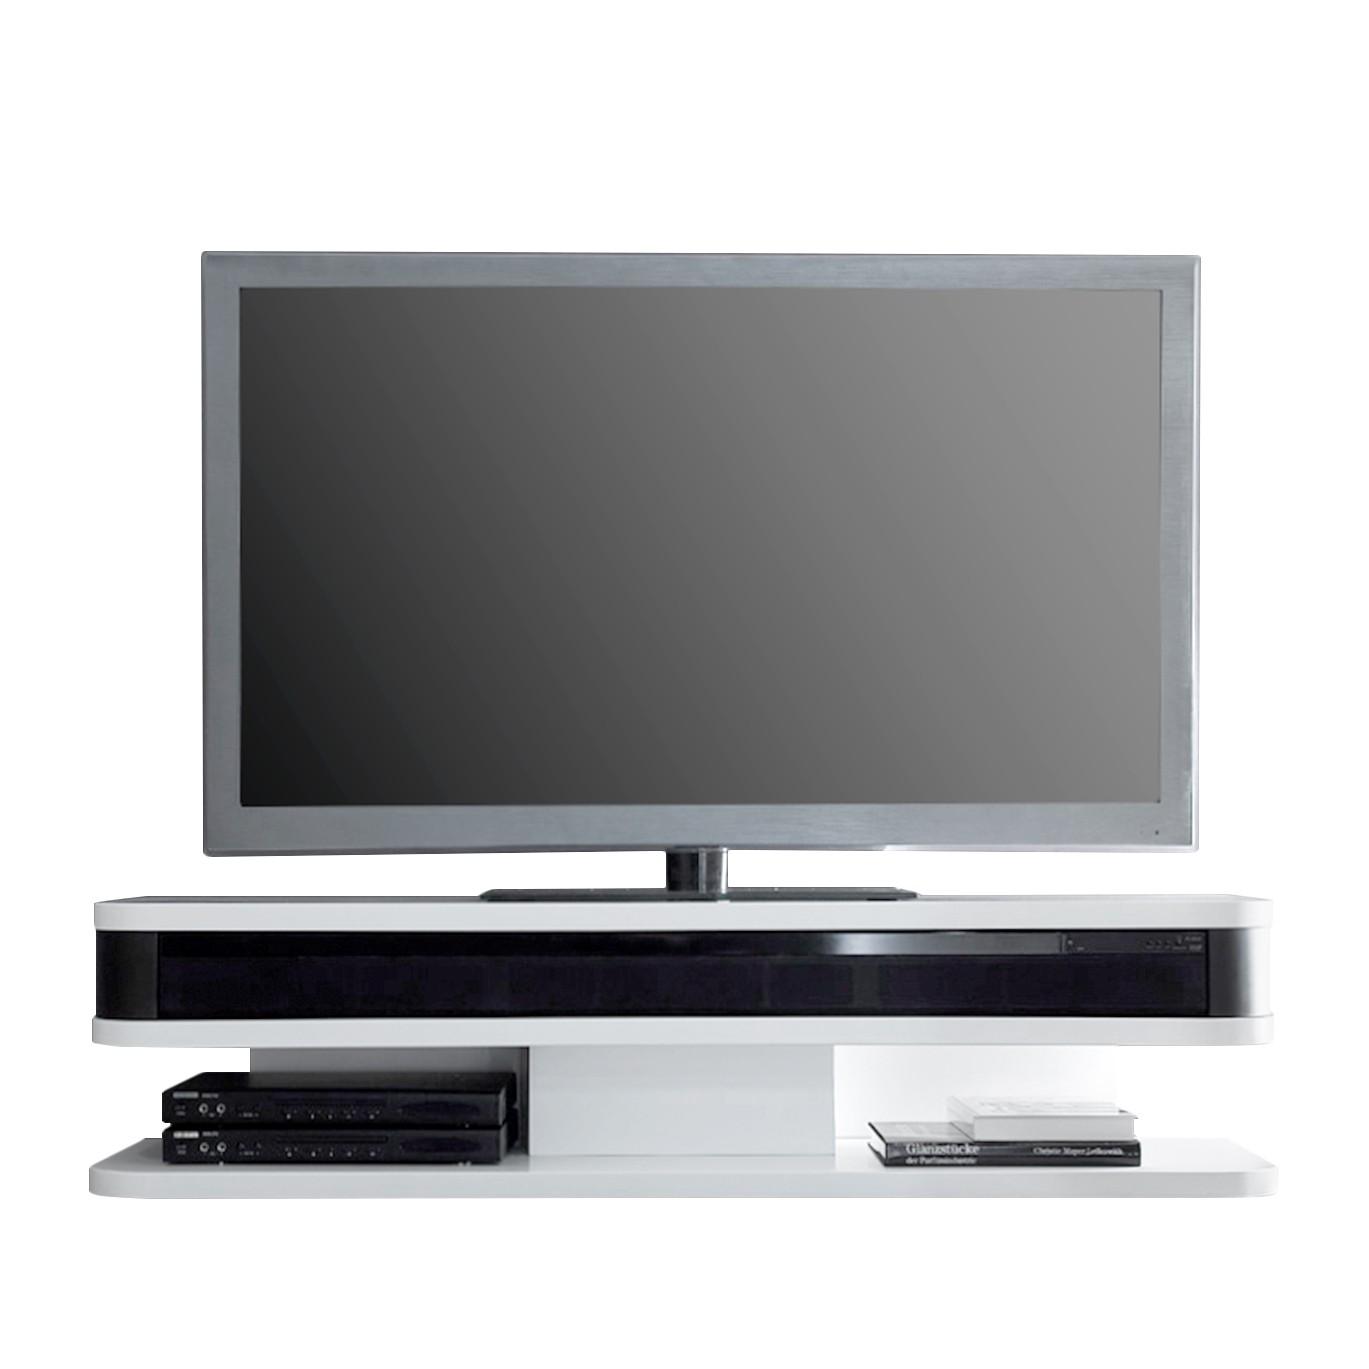 Meuble TV Lightspeed I - Blanc mat / Noir, loftscape